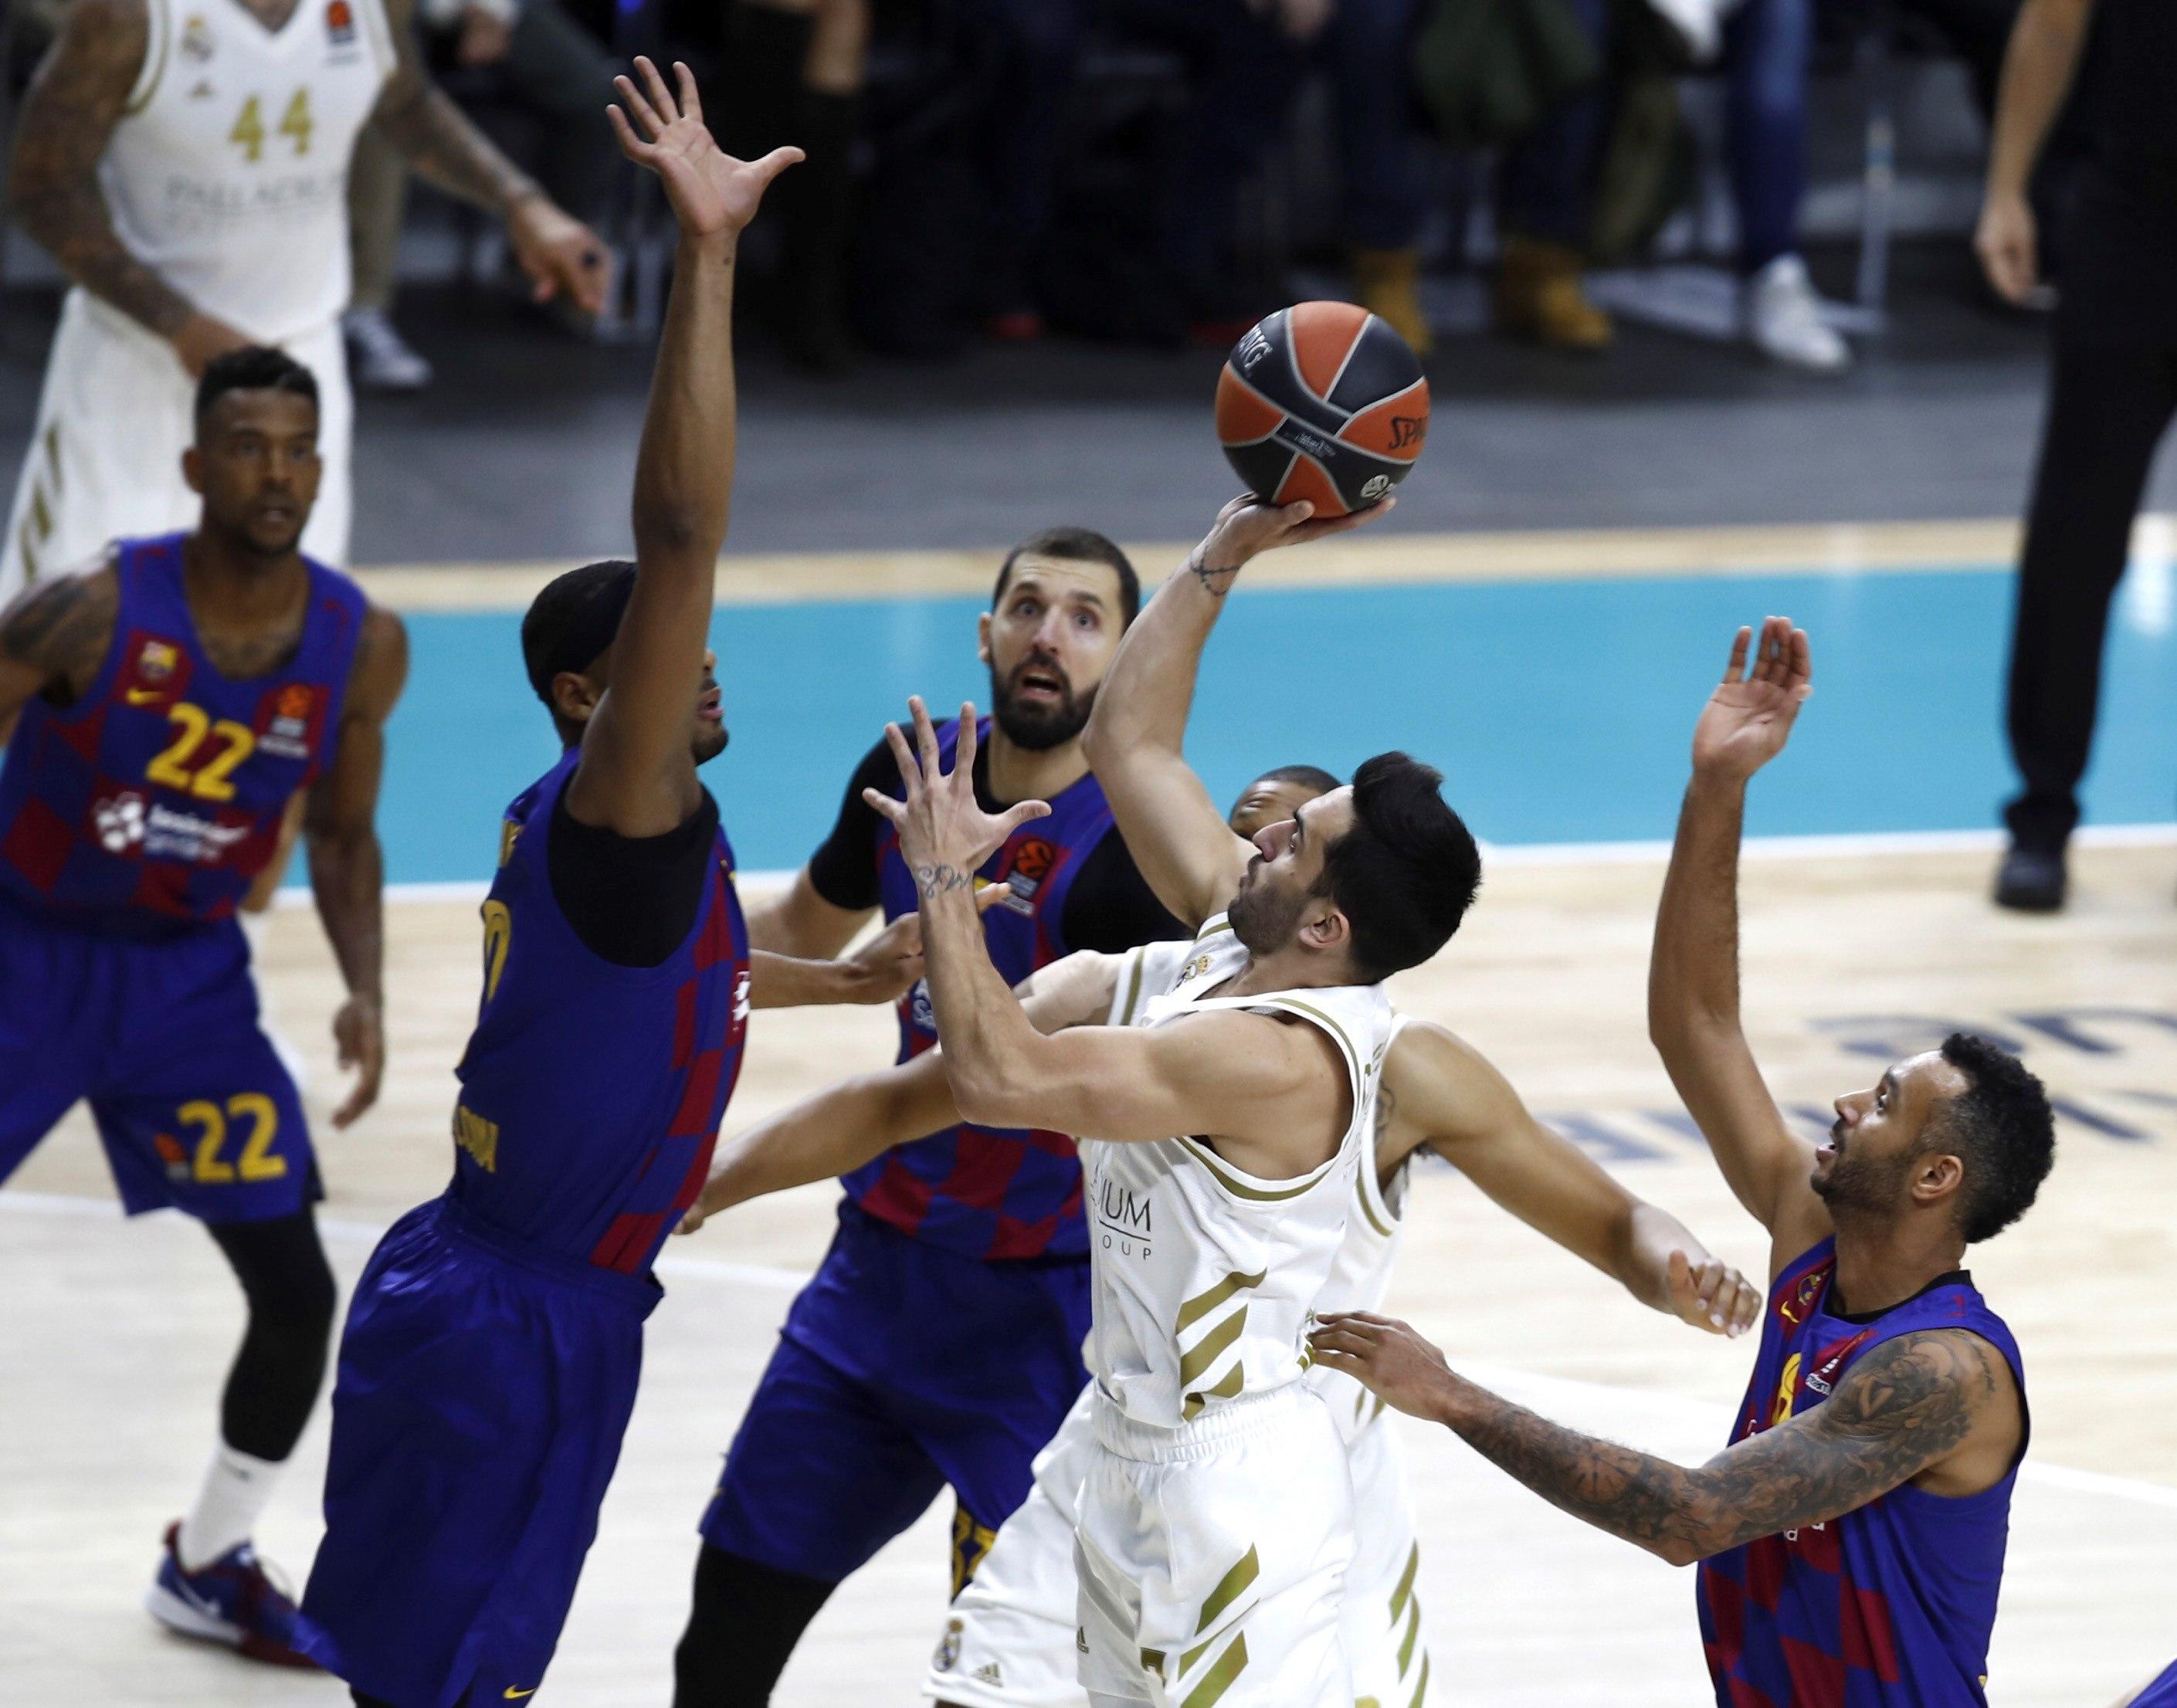 El médico del Real Madrid pide perdón al Barça, que emite una queja